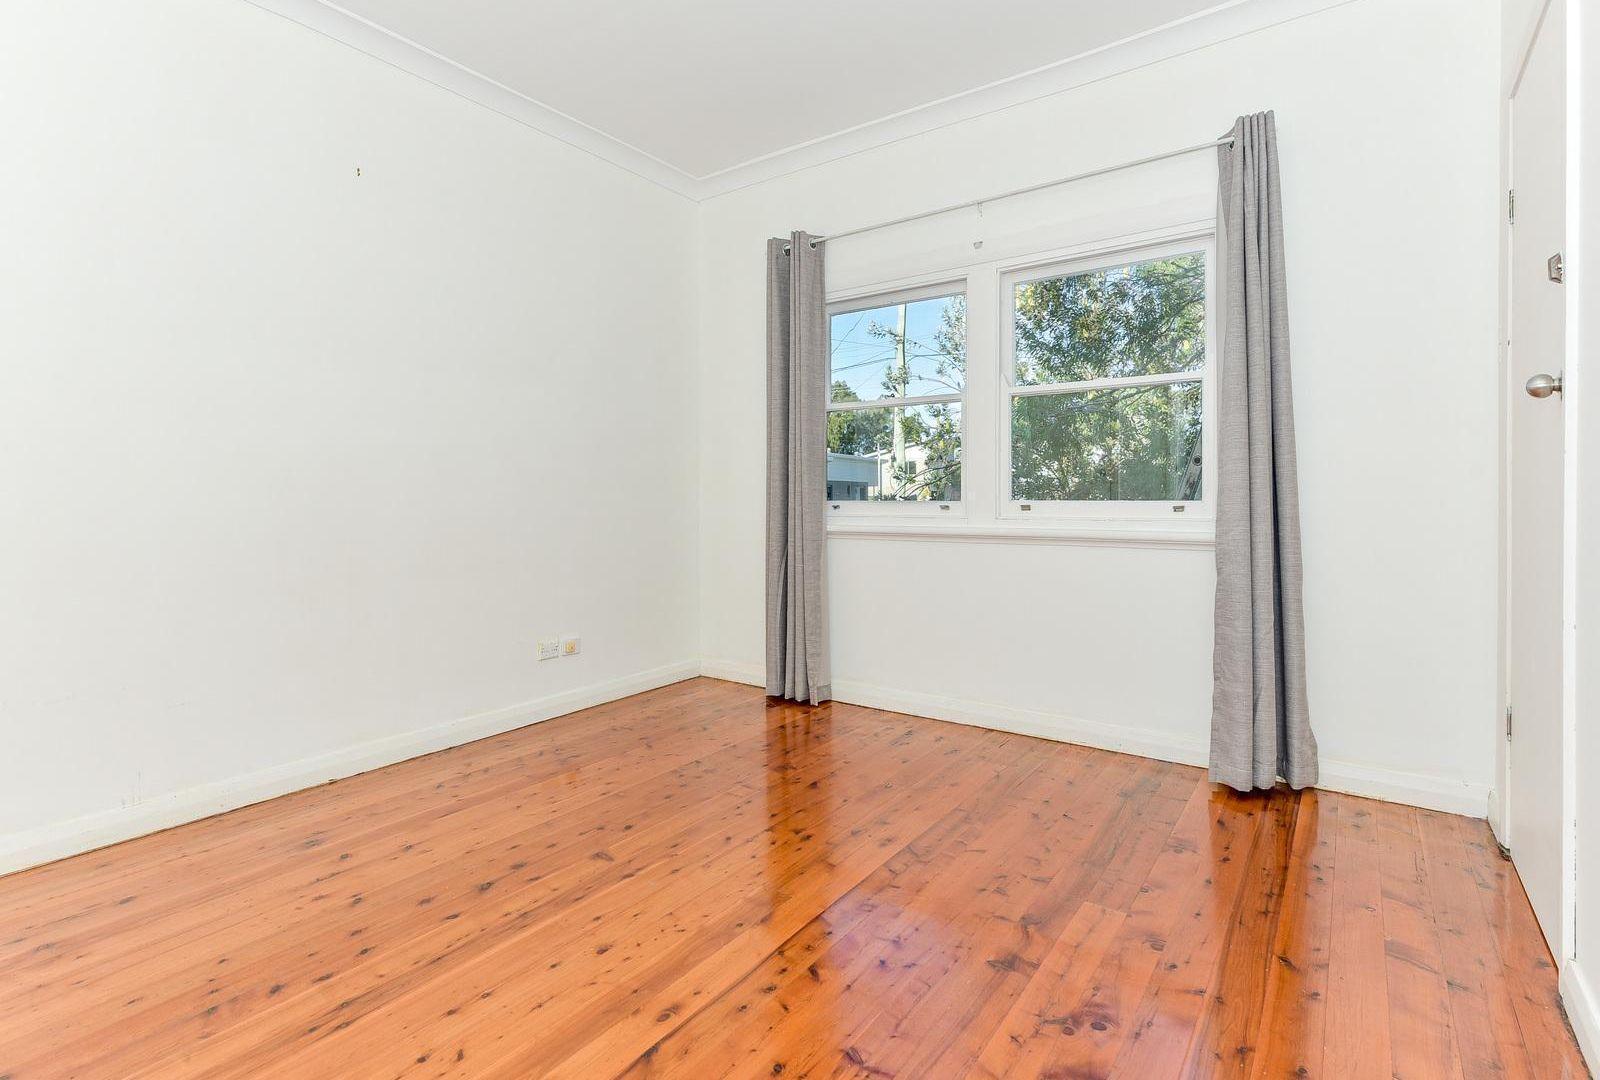 363 Tuggerawong Road, Tuggerawong NSW 2259, Image 1